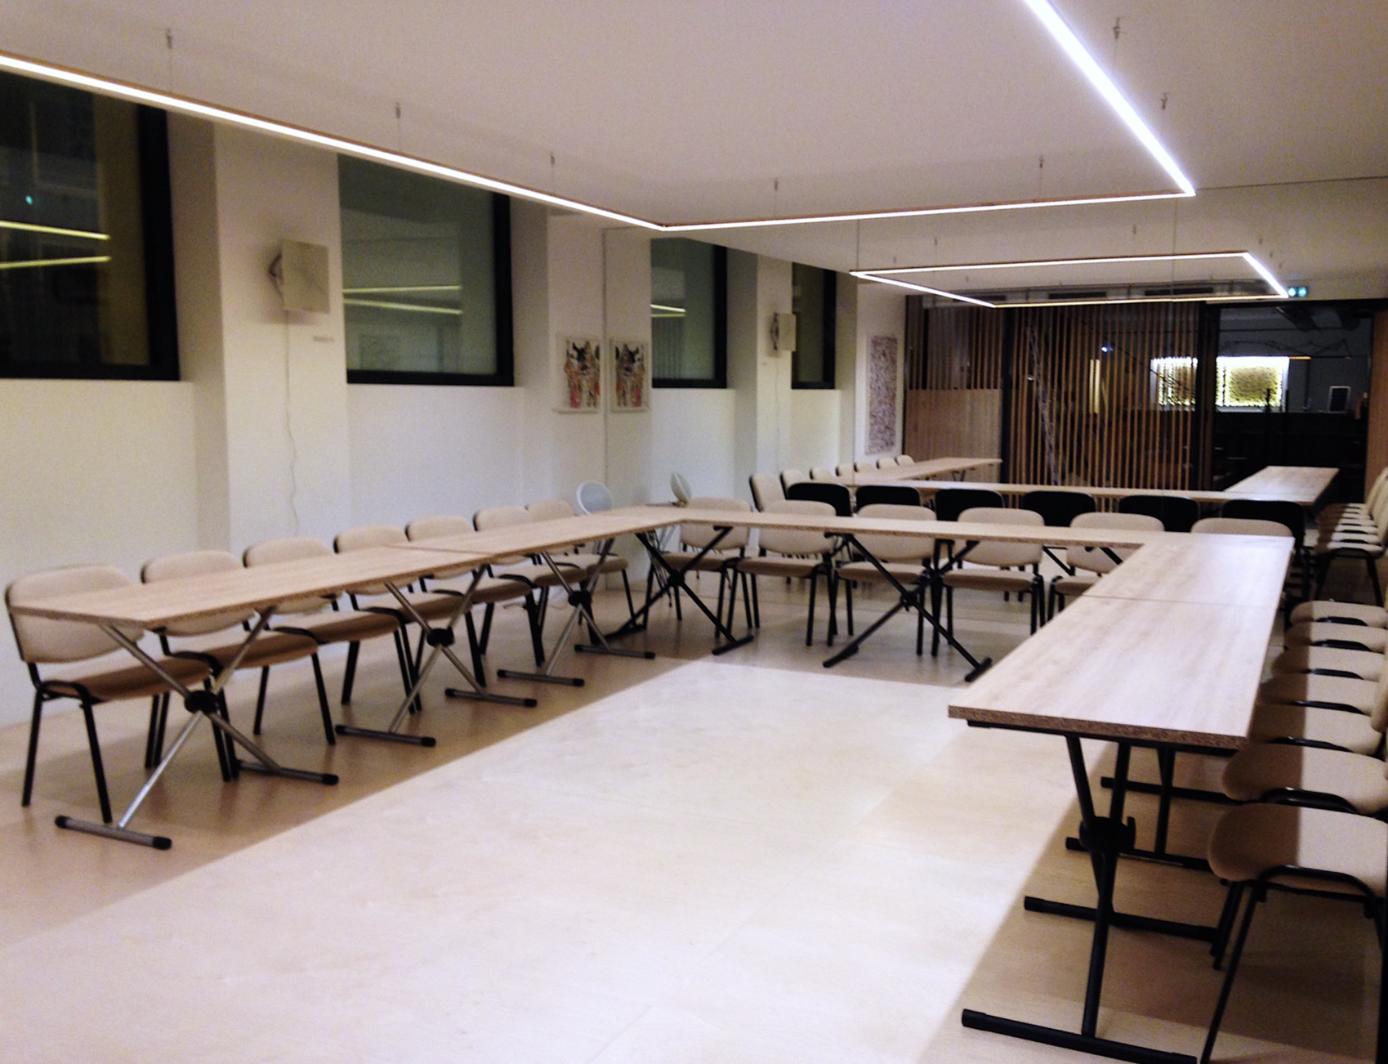 location salle artistique paris